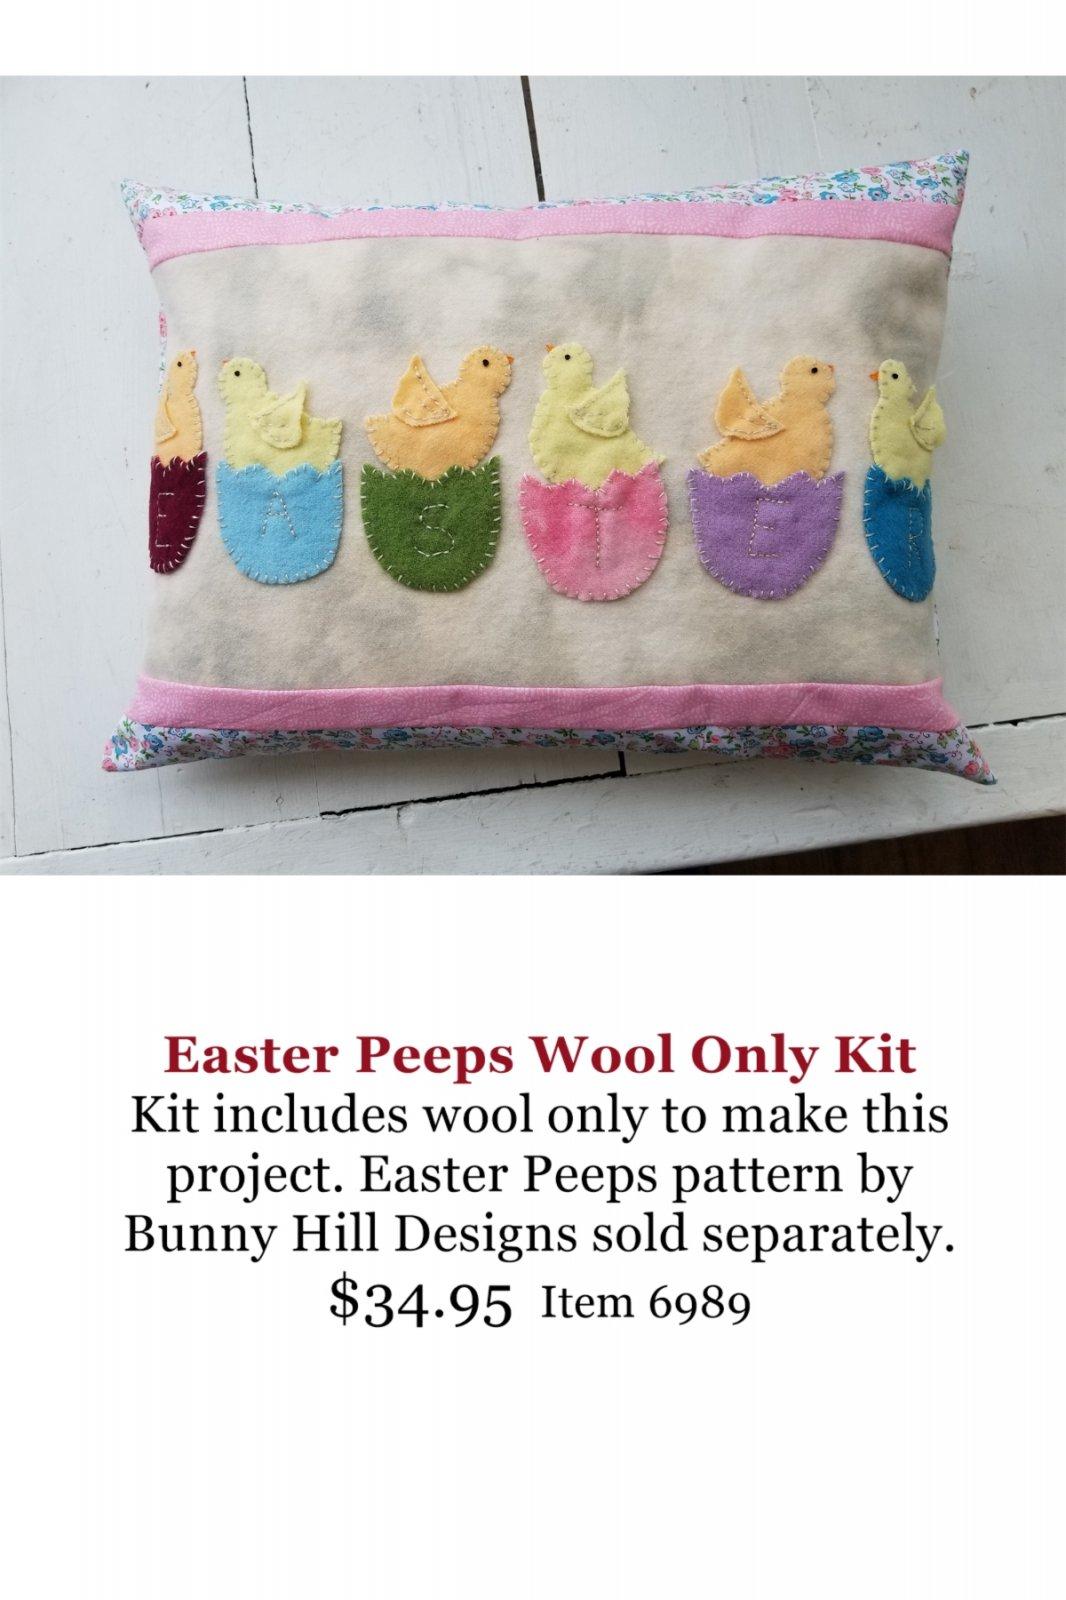 Easter Peeps Wool Kit